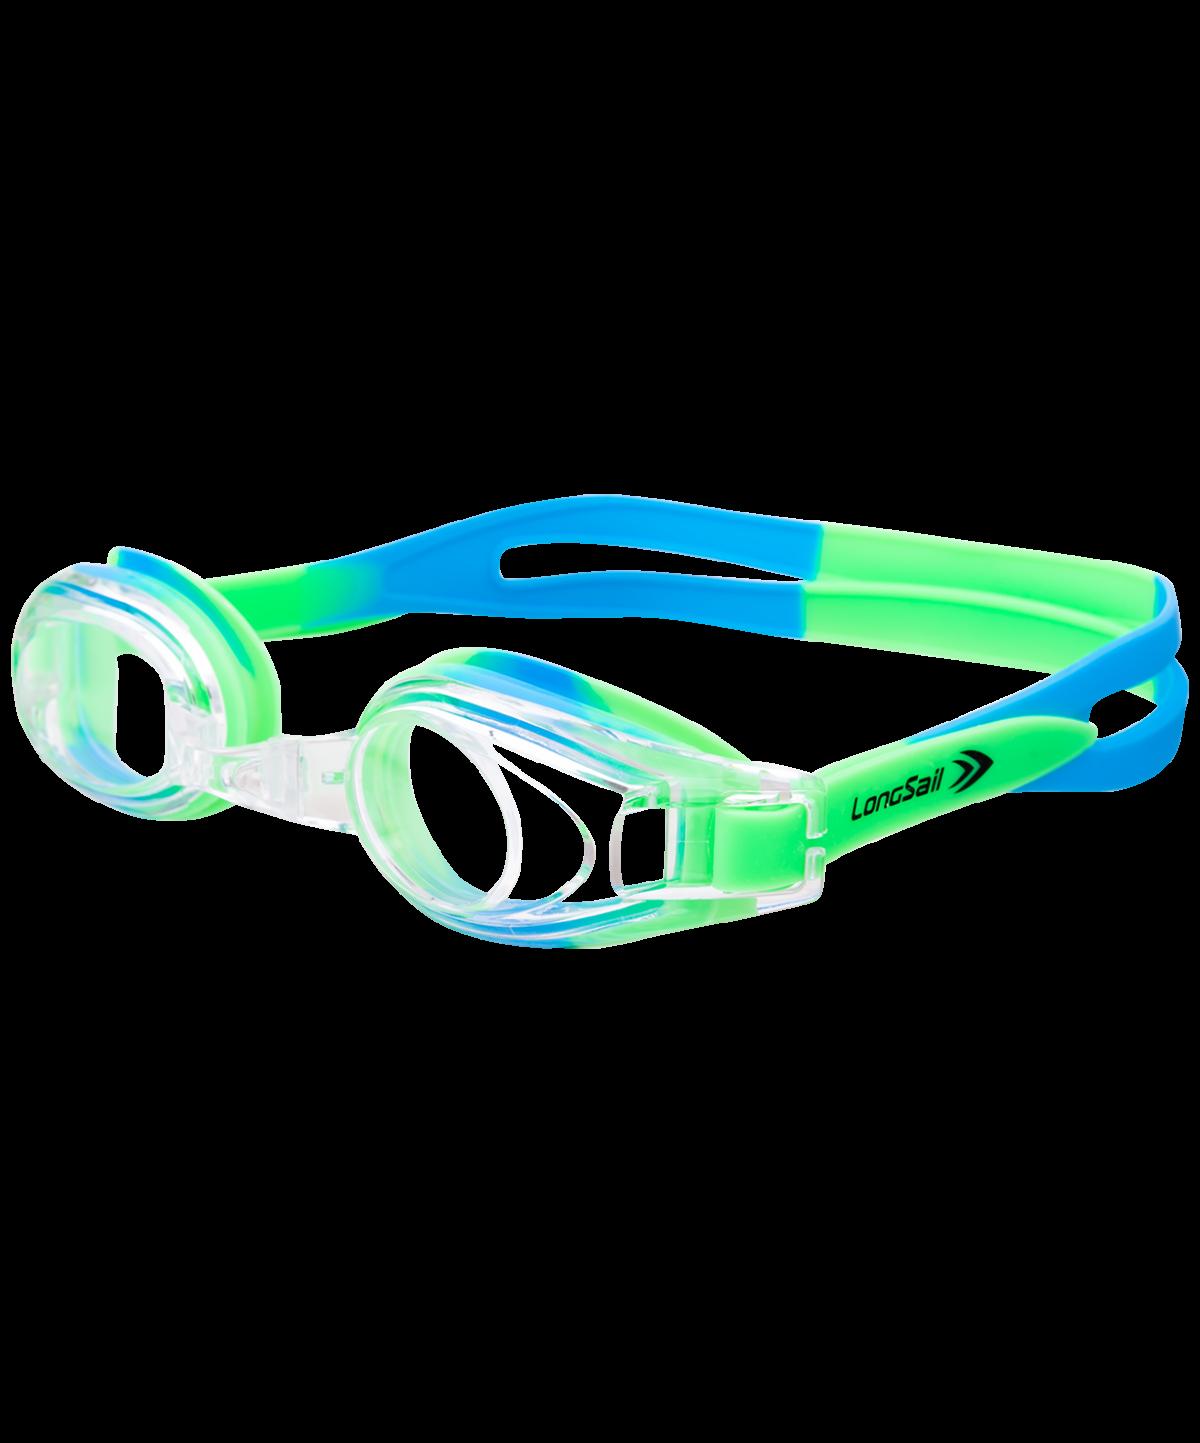 LONGSAIL Kids Pure Очки для плавания  L041848: зеленый/синий - 1